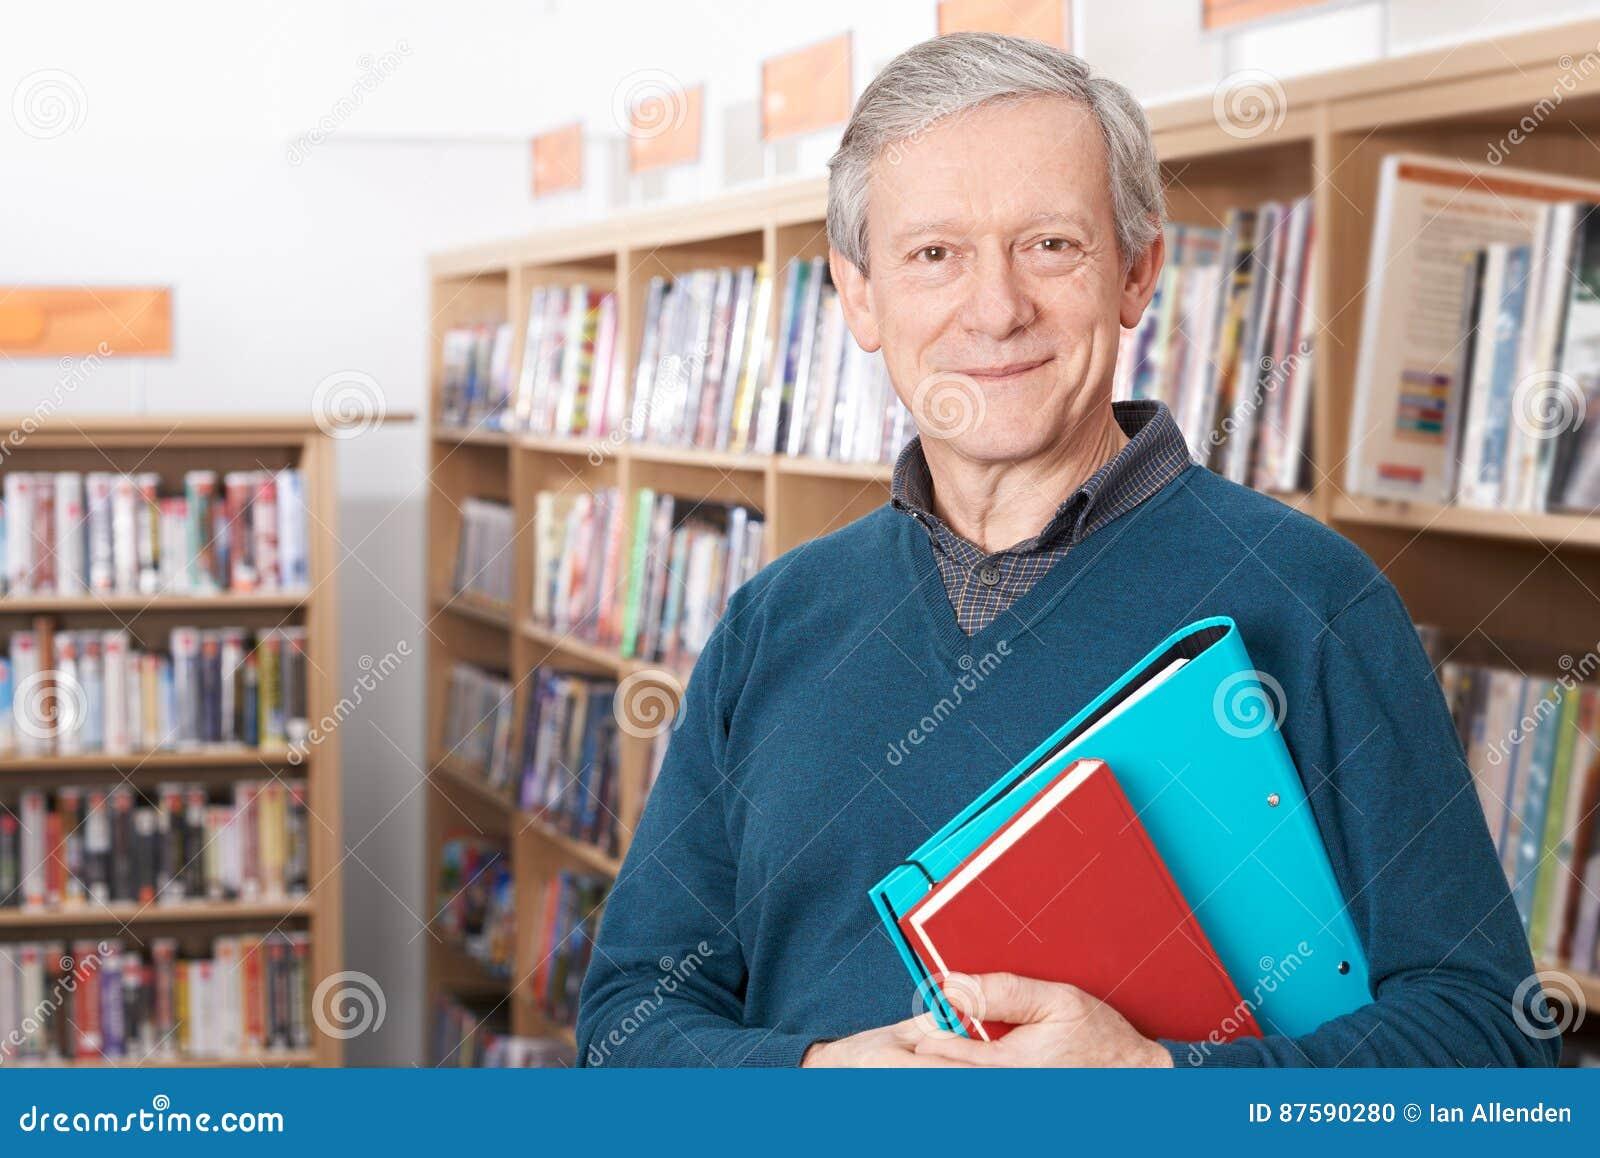 Madure al estudiante masculino que estudia en biblioteca